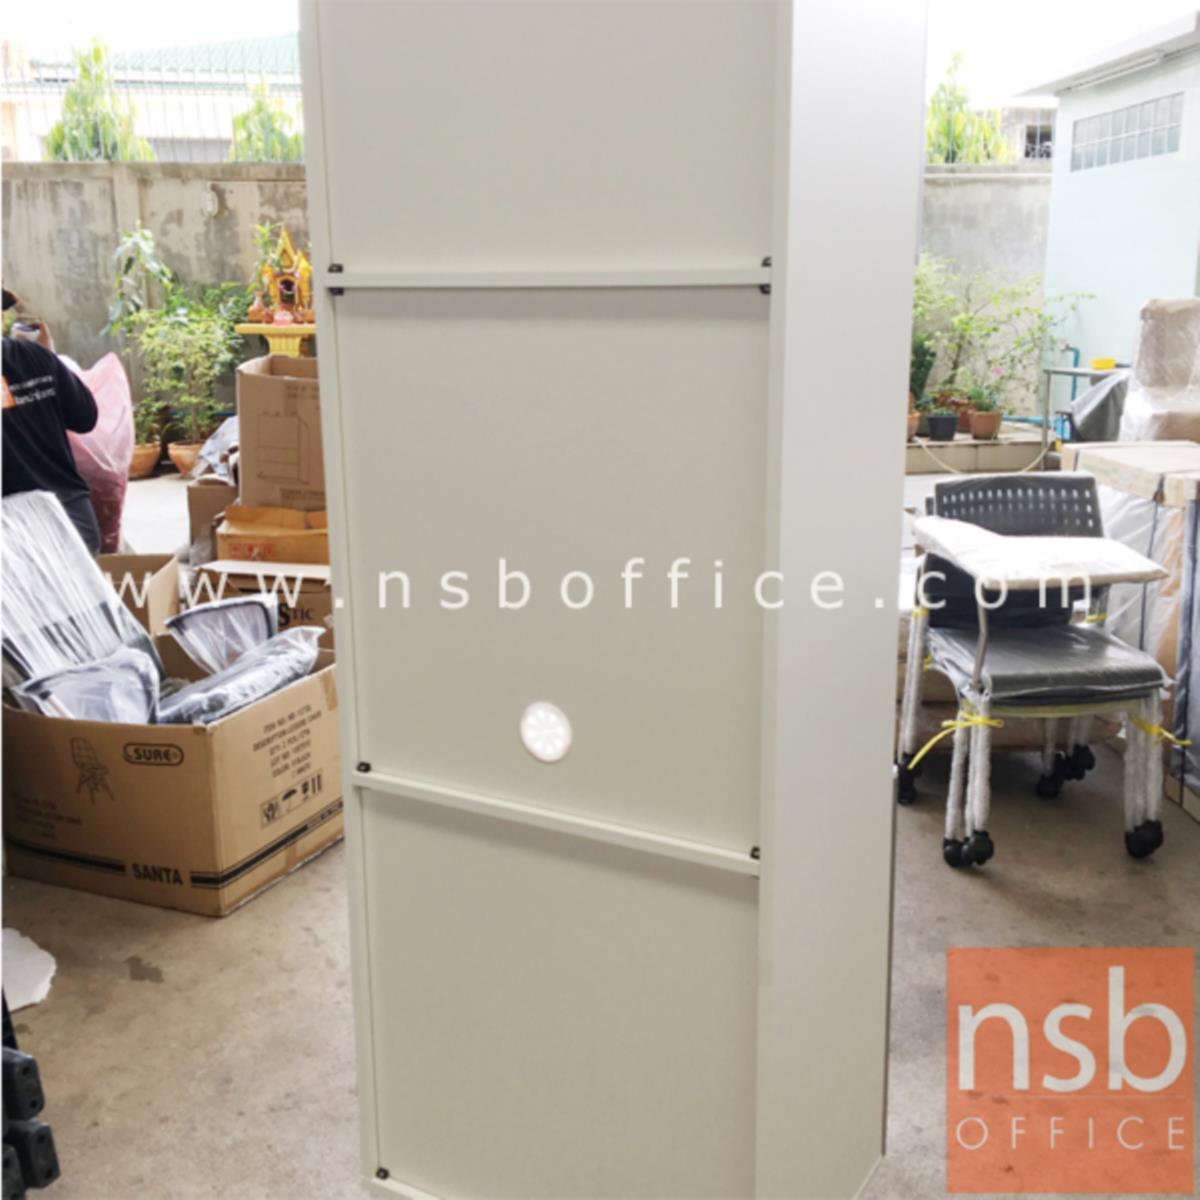 ตู้ครัวสีลายไม้ตัดขาวสูงบน-ล่าง 1 บานเปิด รุ่น Martinell 7 มีช่องโล่งตรงกลาง (สำหรับครัวเปียกและครัวแห้ง)